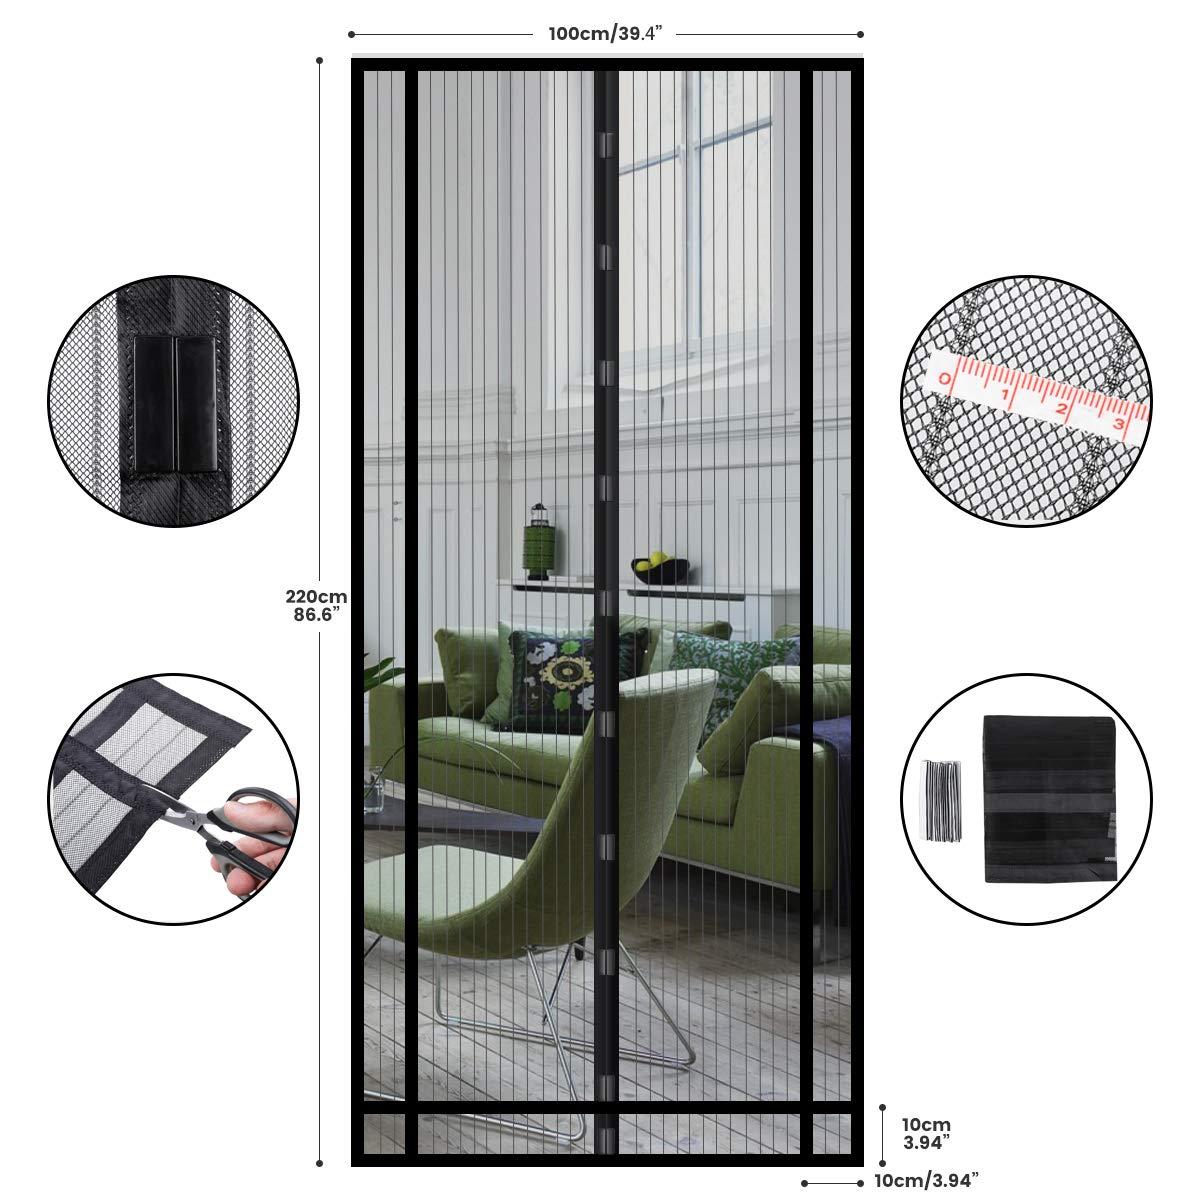 NASUM Rideau Magn/étique Moustiquaire 220 pour porte de balcon//porte patio 100cm avec Sac de Transport